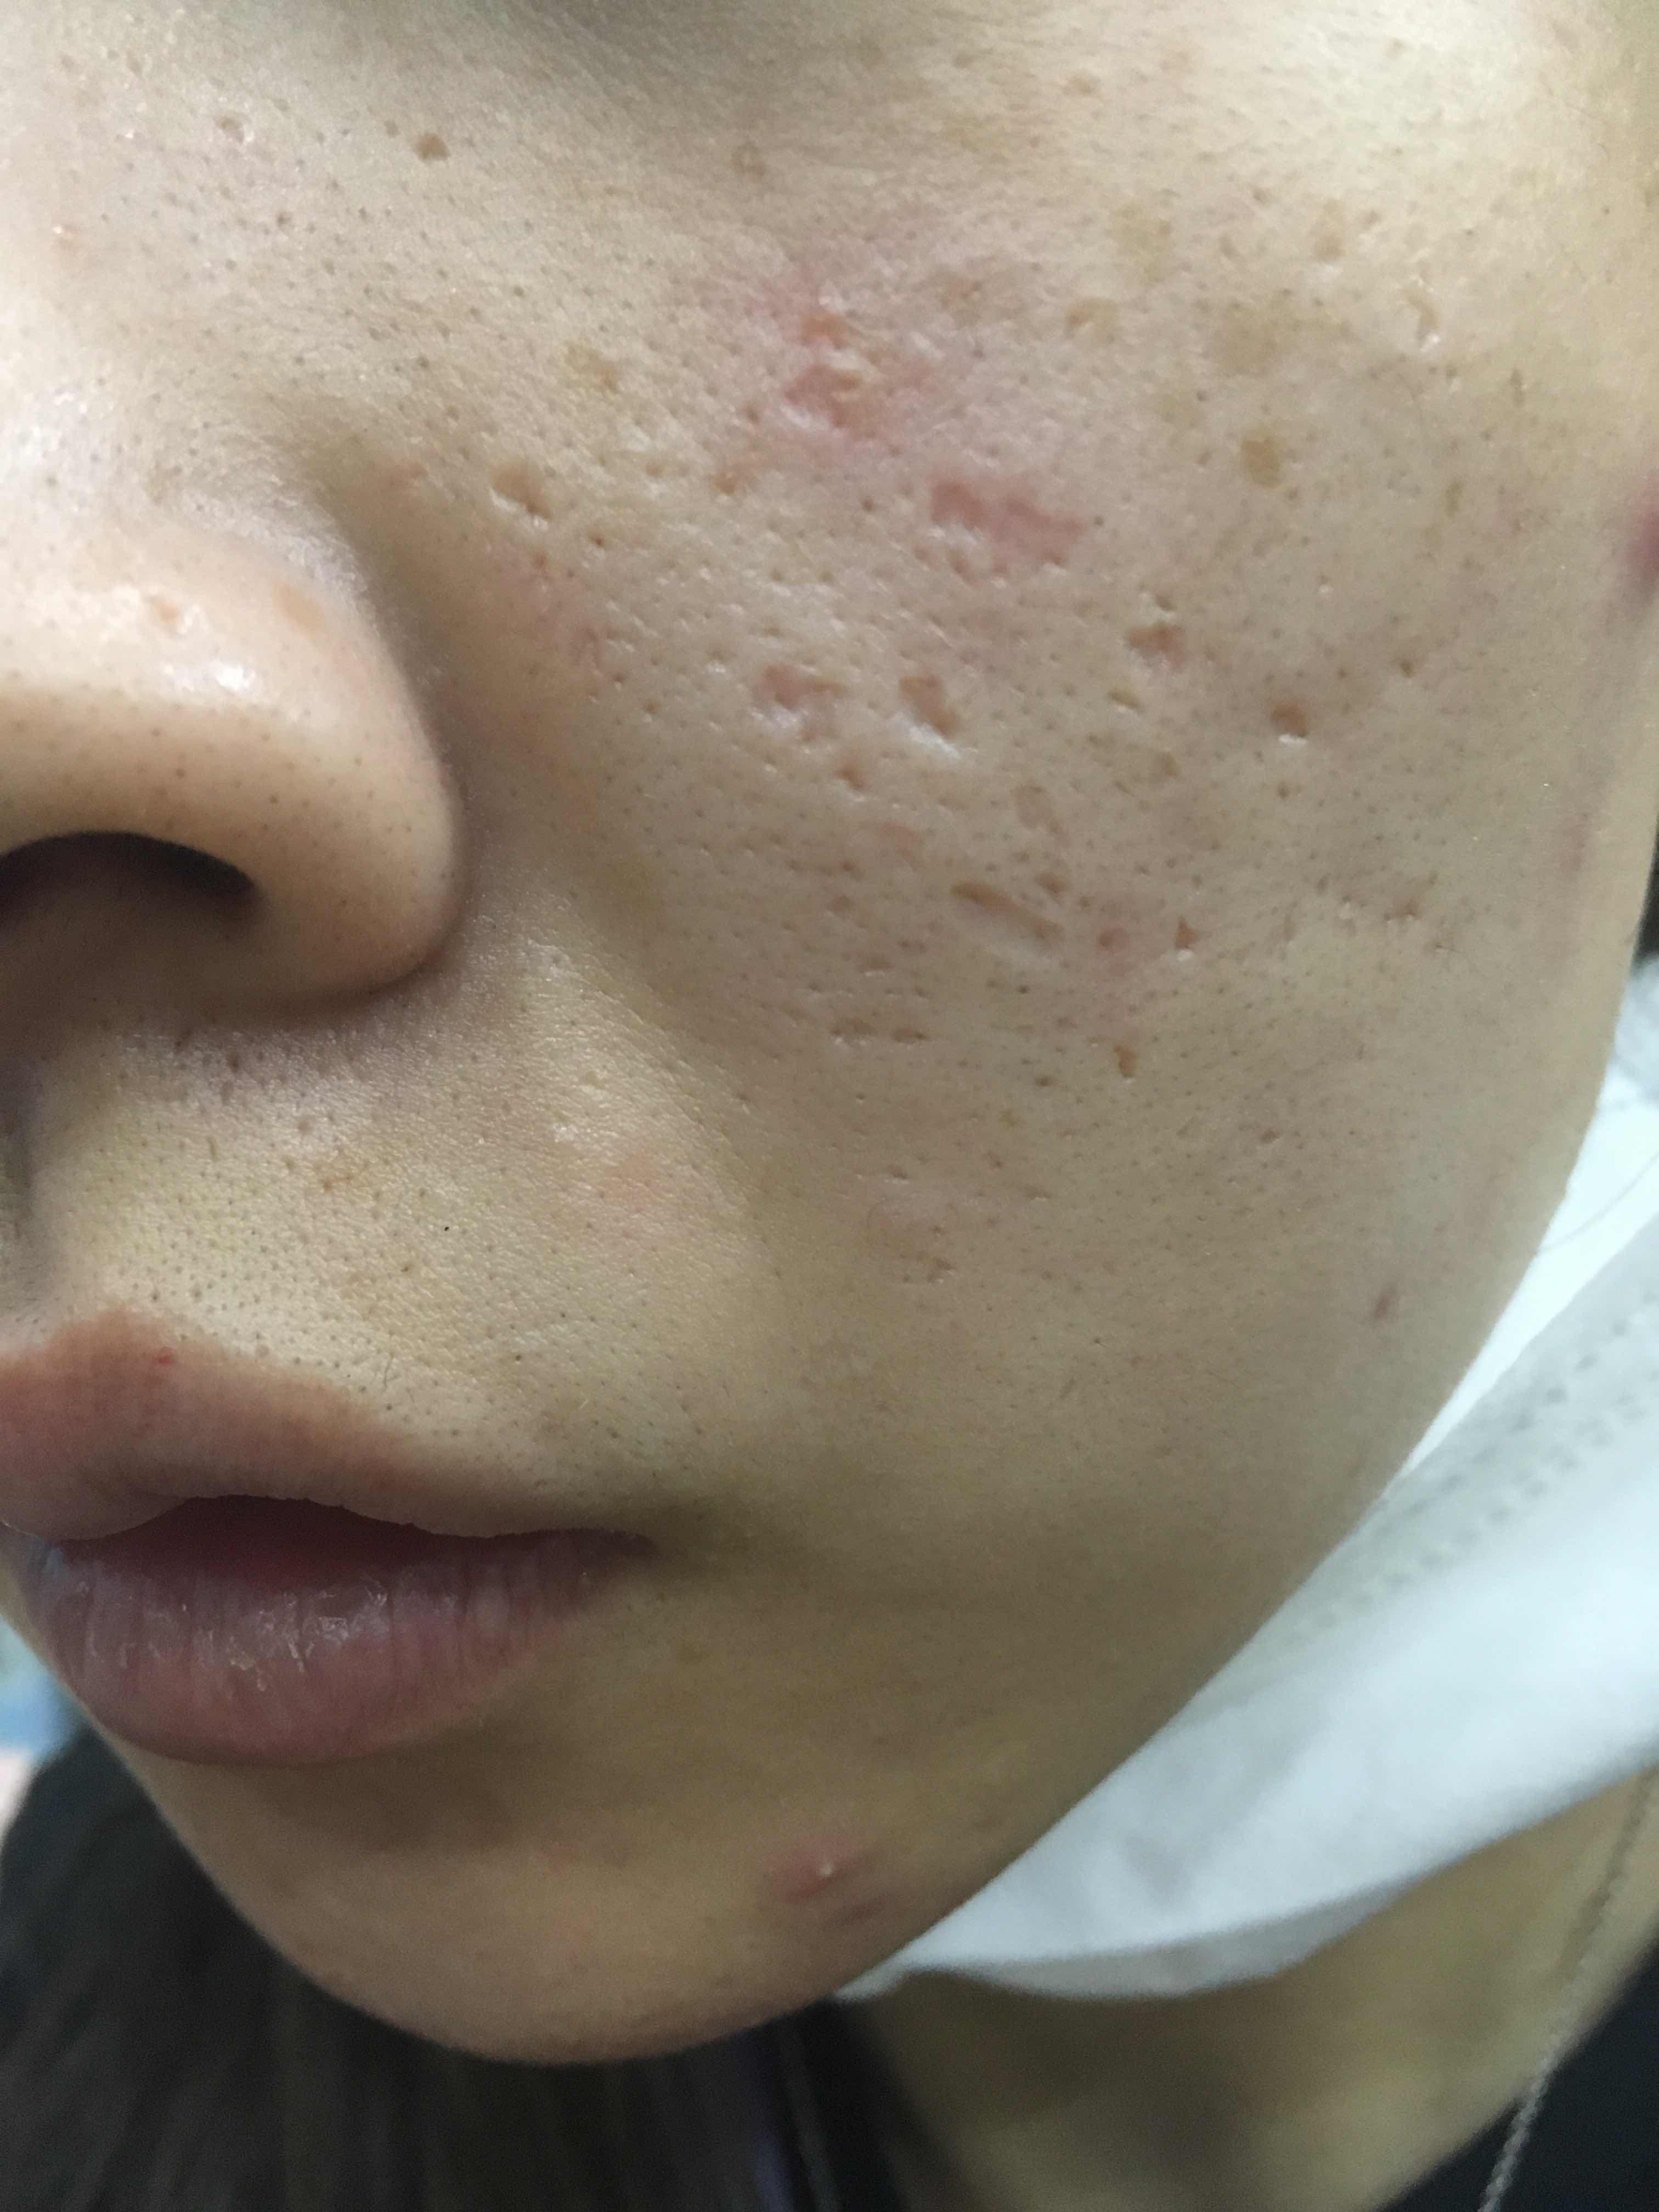 脸上的痘坑能修复吗,應怎樣治療?